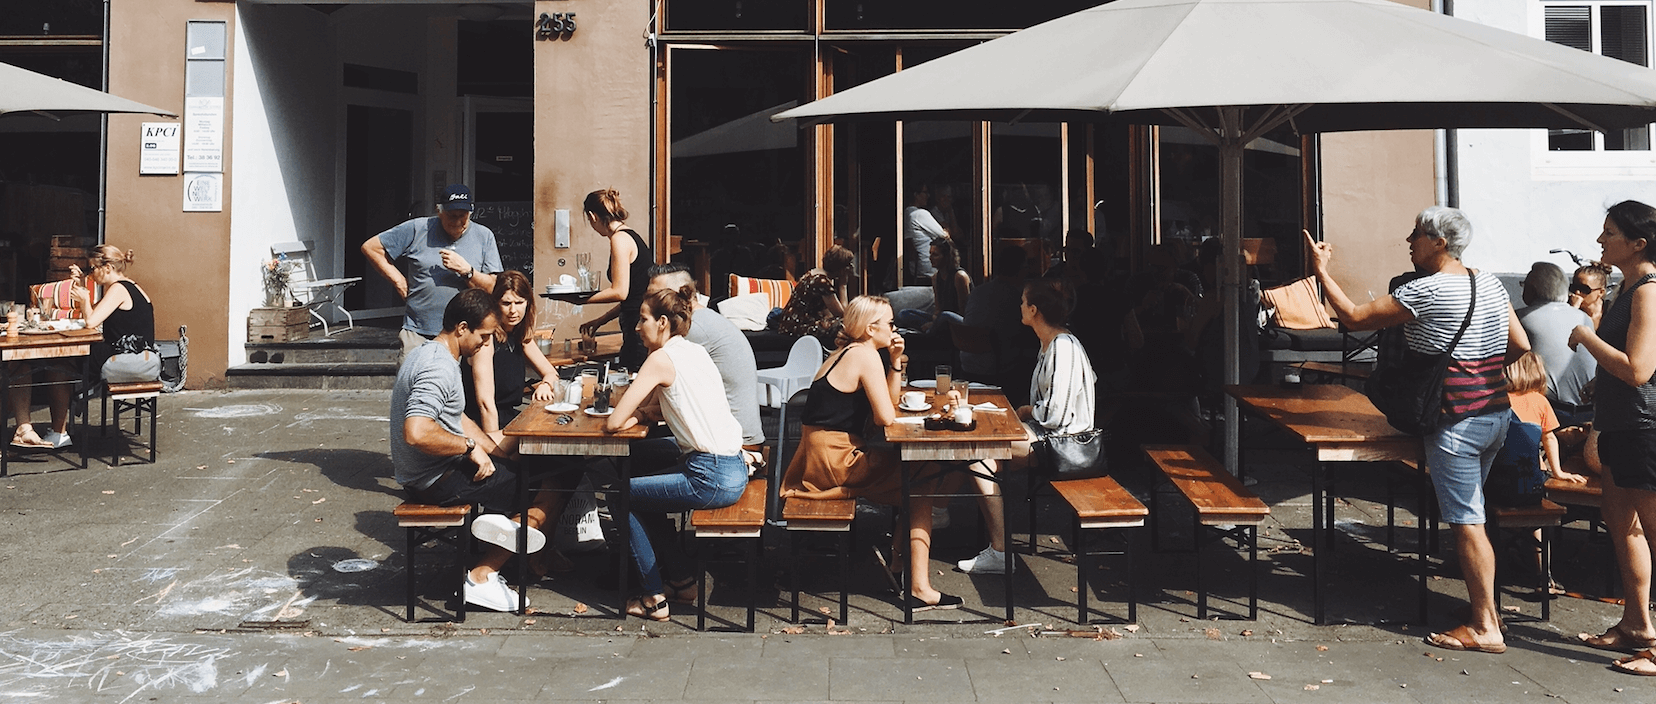 vocabulario-de-frances-restaurant